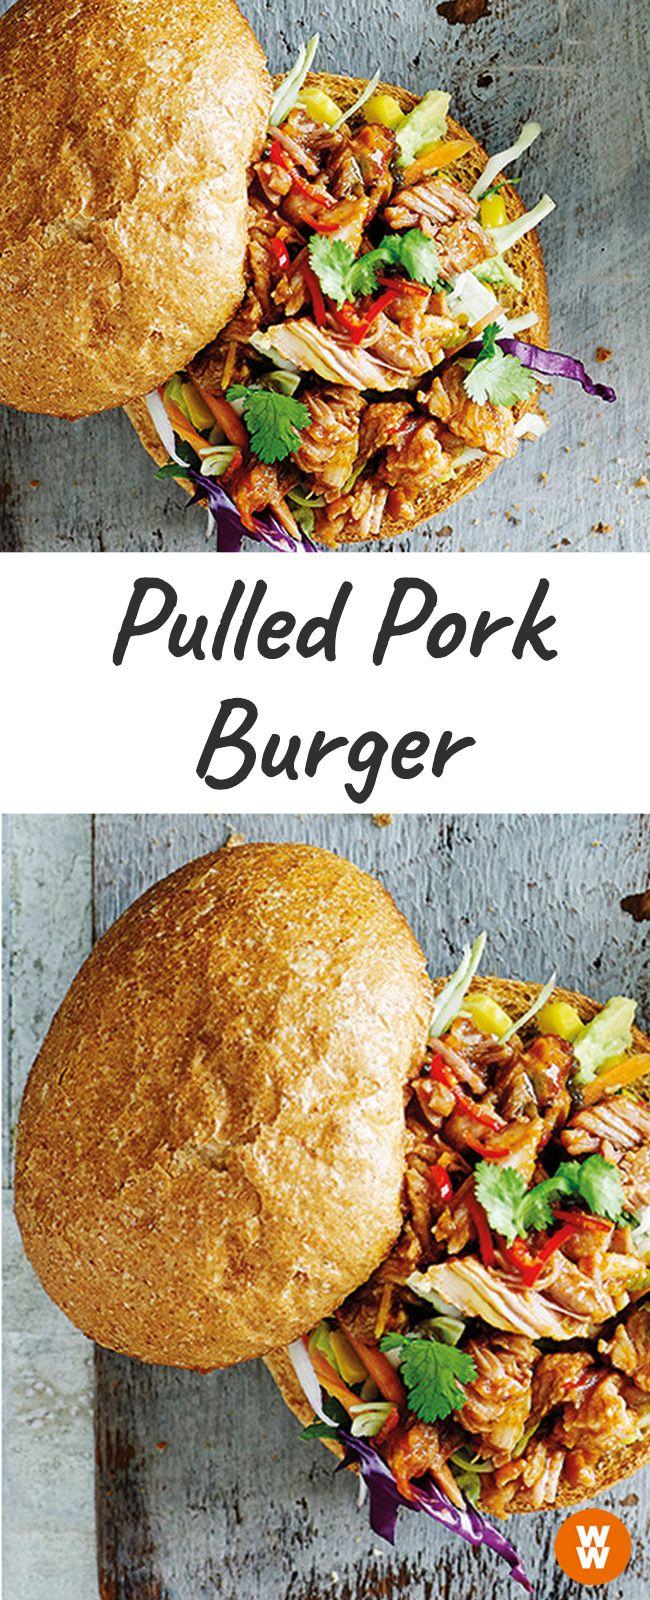 Pulled Pork Burger, Burger, Rezept | Weight Watchers